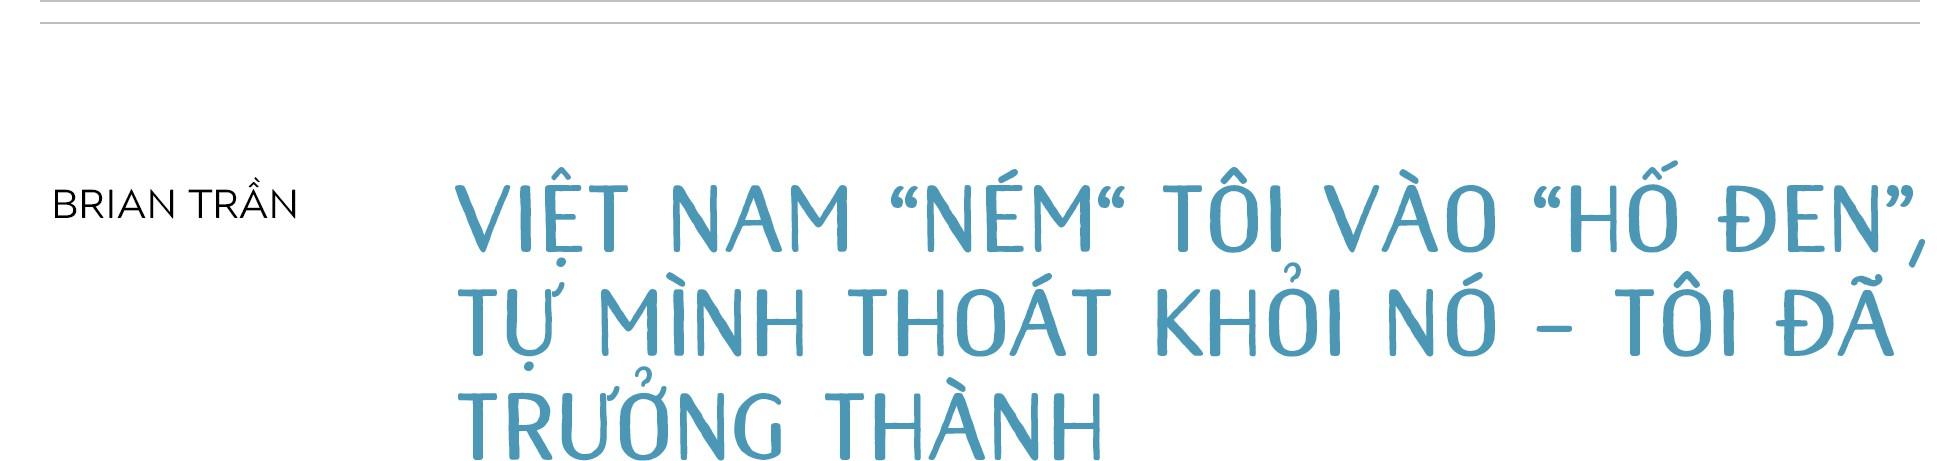 """""""Người quen xa lạ"""" ăn Tết Việt: Chuyến đi tìm về hương vị thịt mỡ dưa hành hay chạm đến gốc rễ của câu hỏi tôi là ai? - Ảnh 13."""